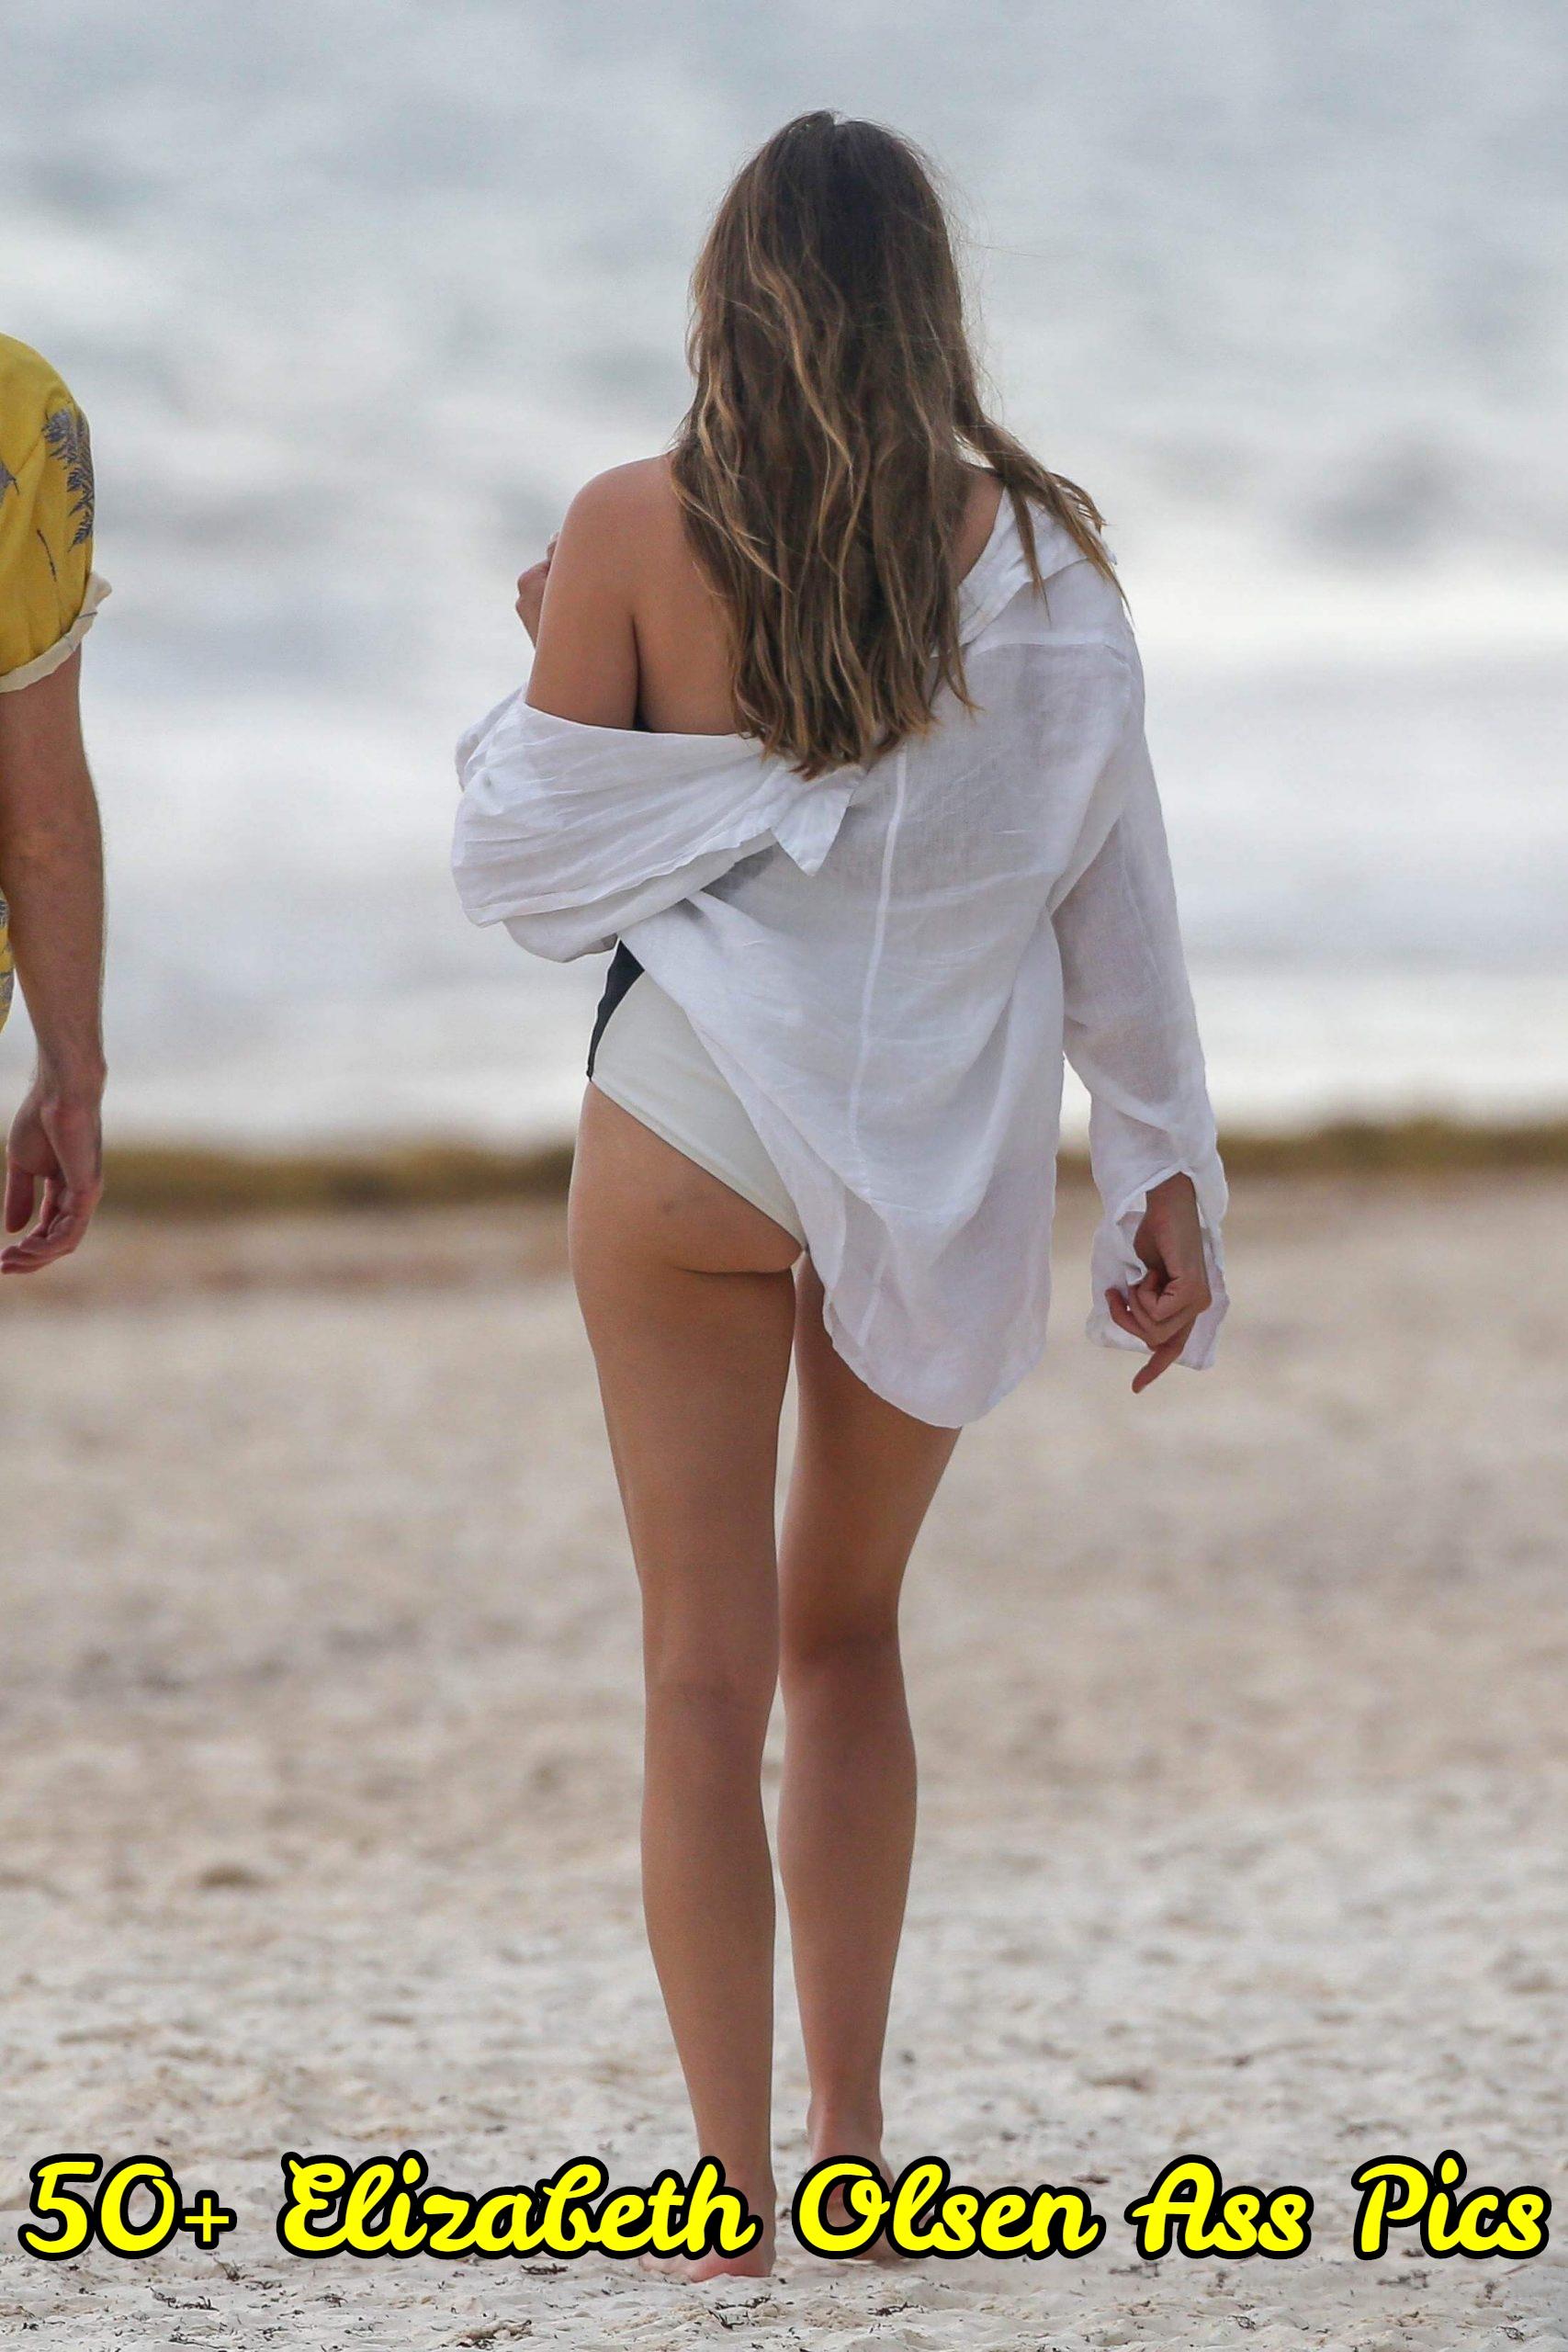 Elizabeth Olsen ass pics